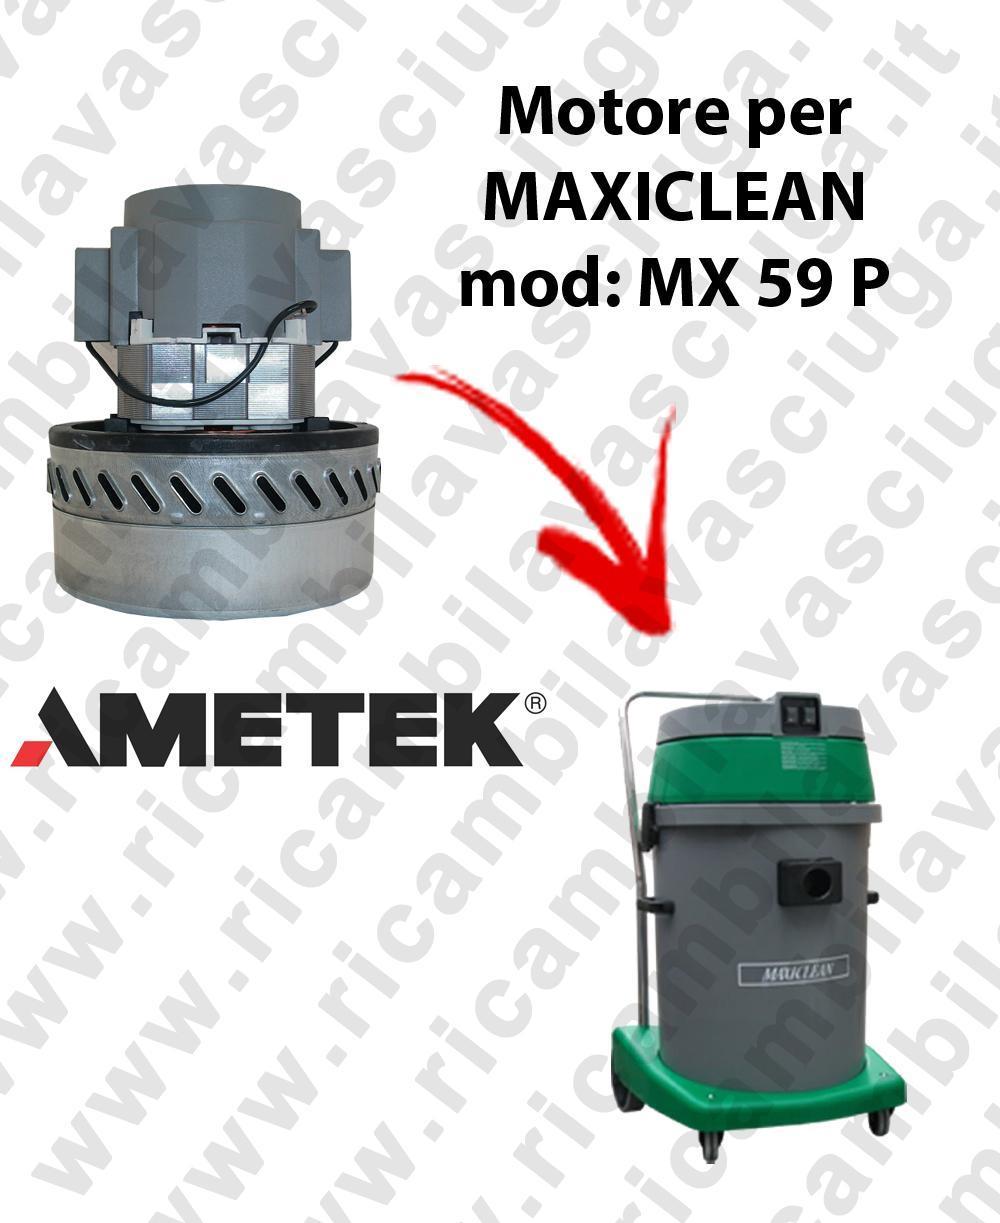 MX 59 P Saugmotor AMETEK für Staubsauger und trockensauger MAXICLEAN